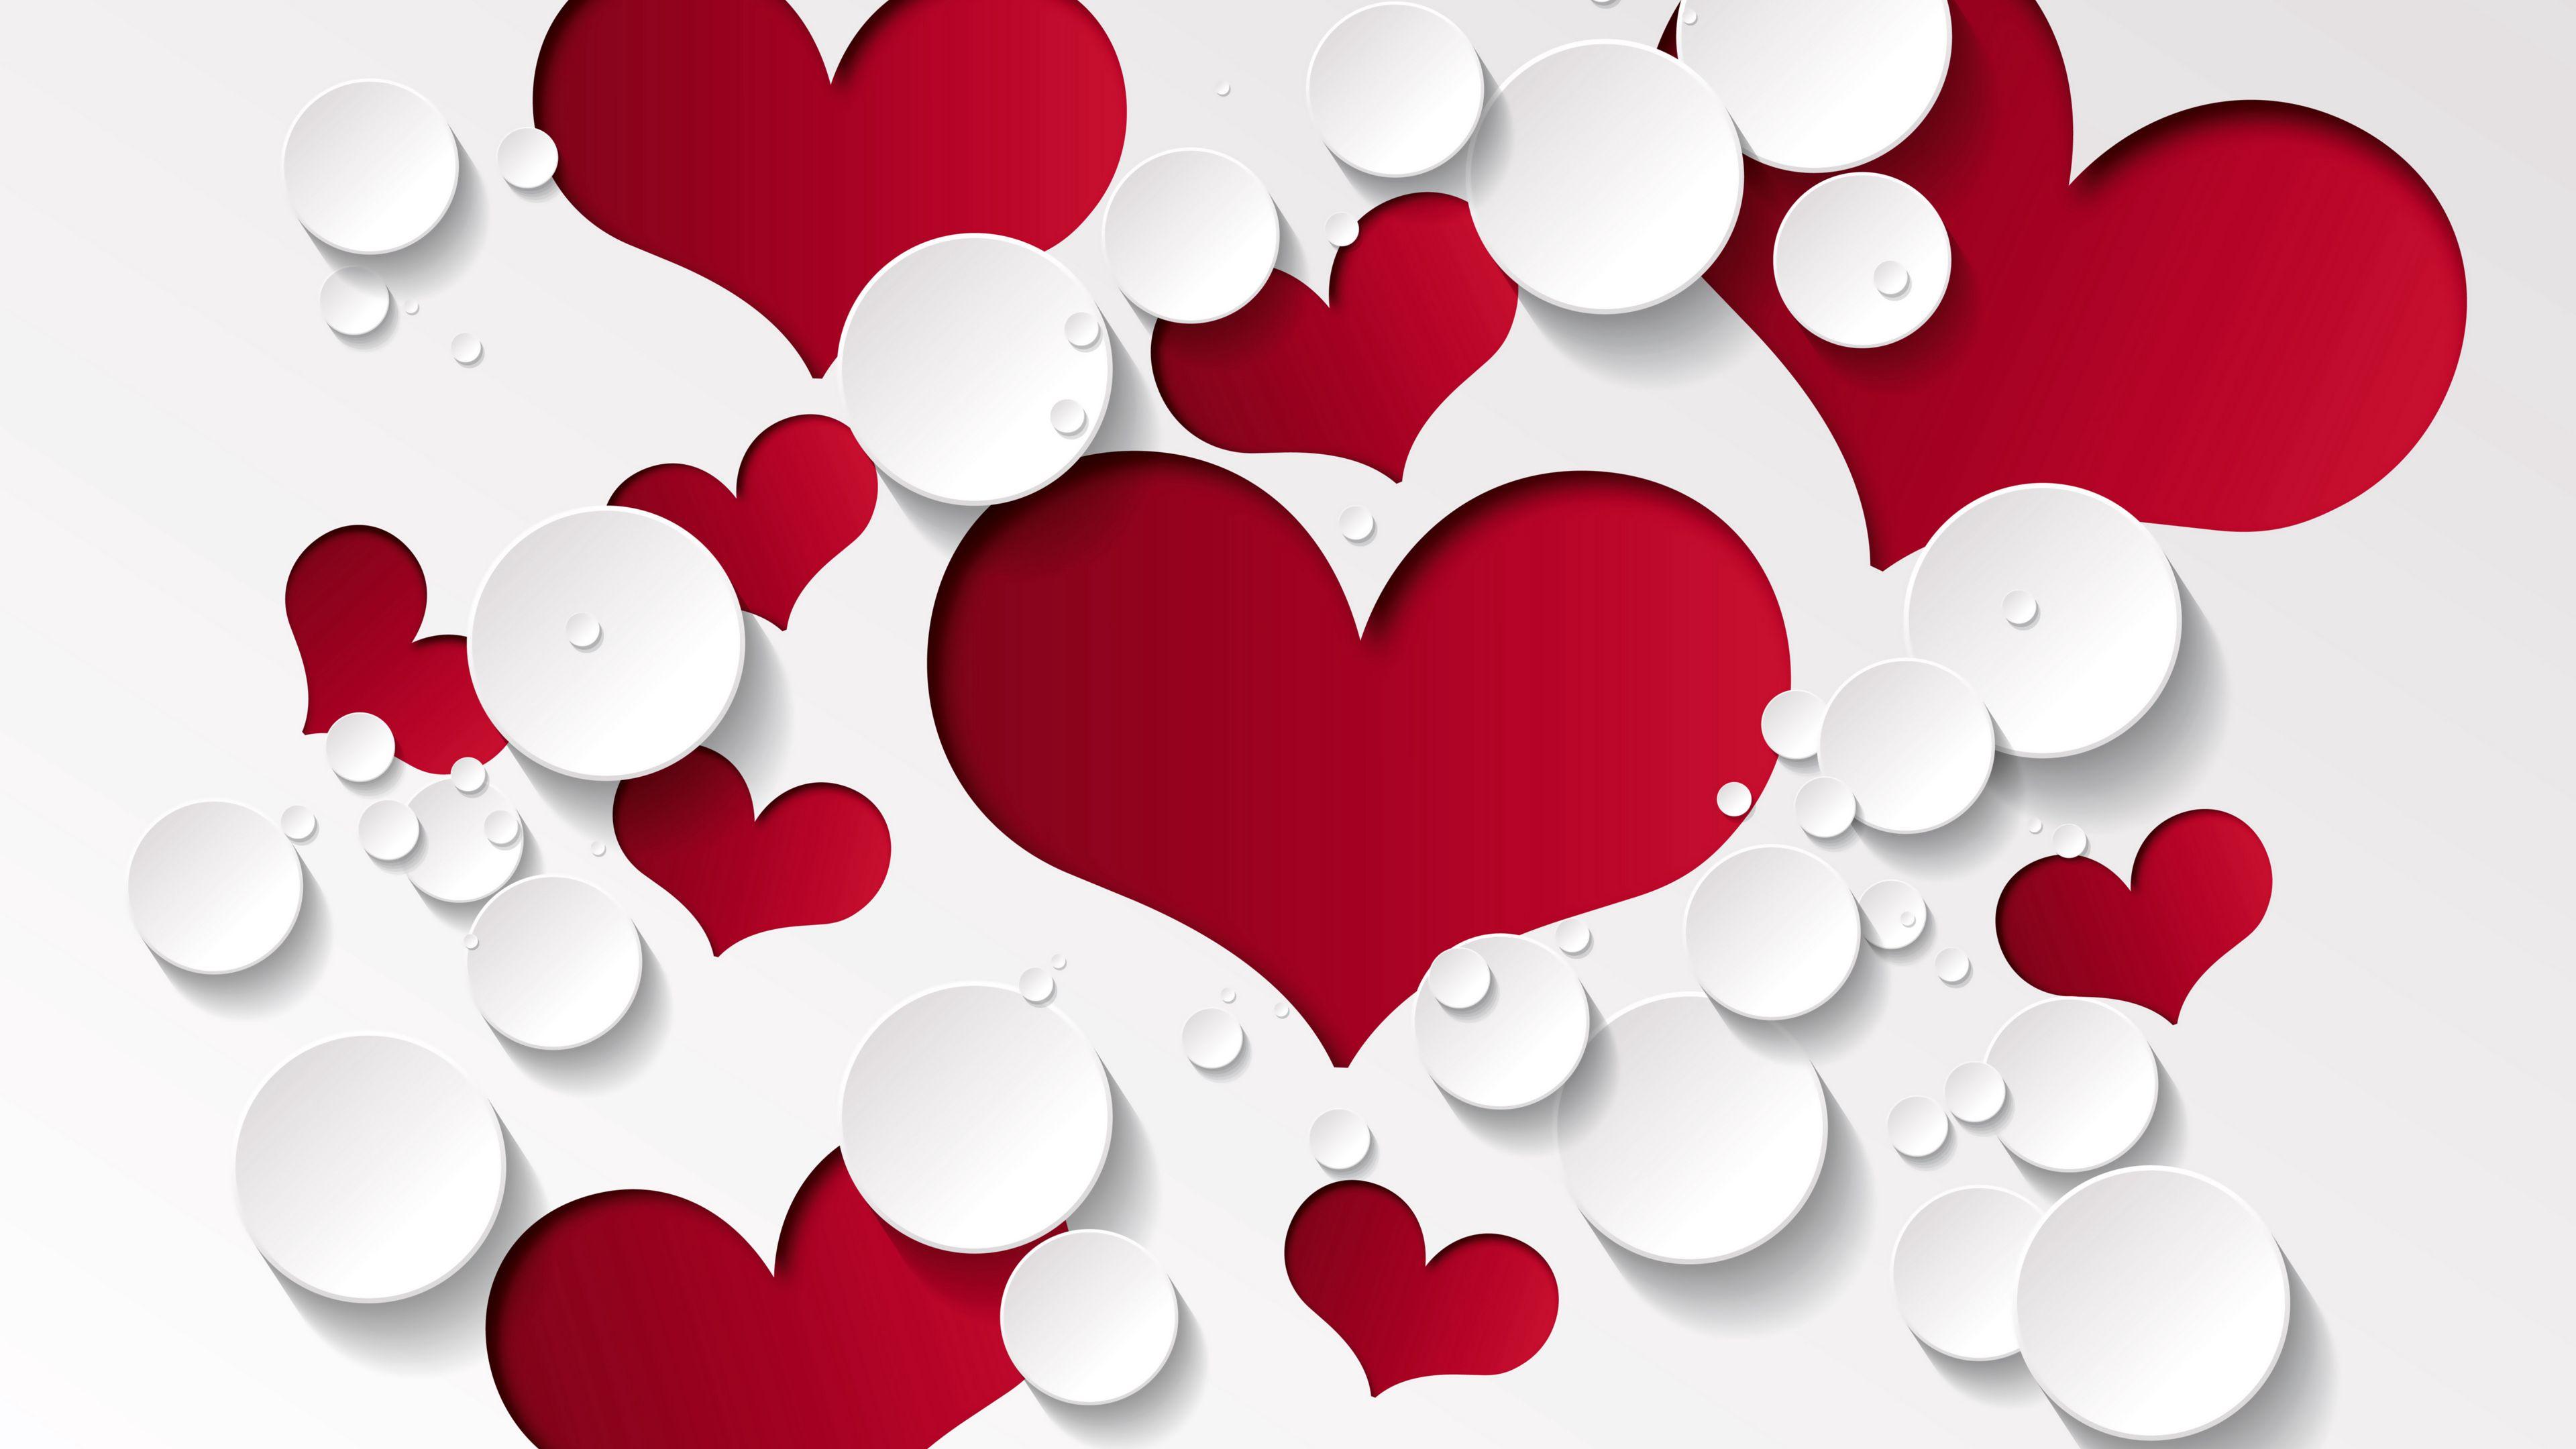 3840x2160 Wallpaper heart, shape, pattern